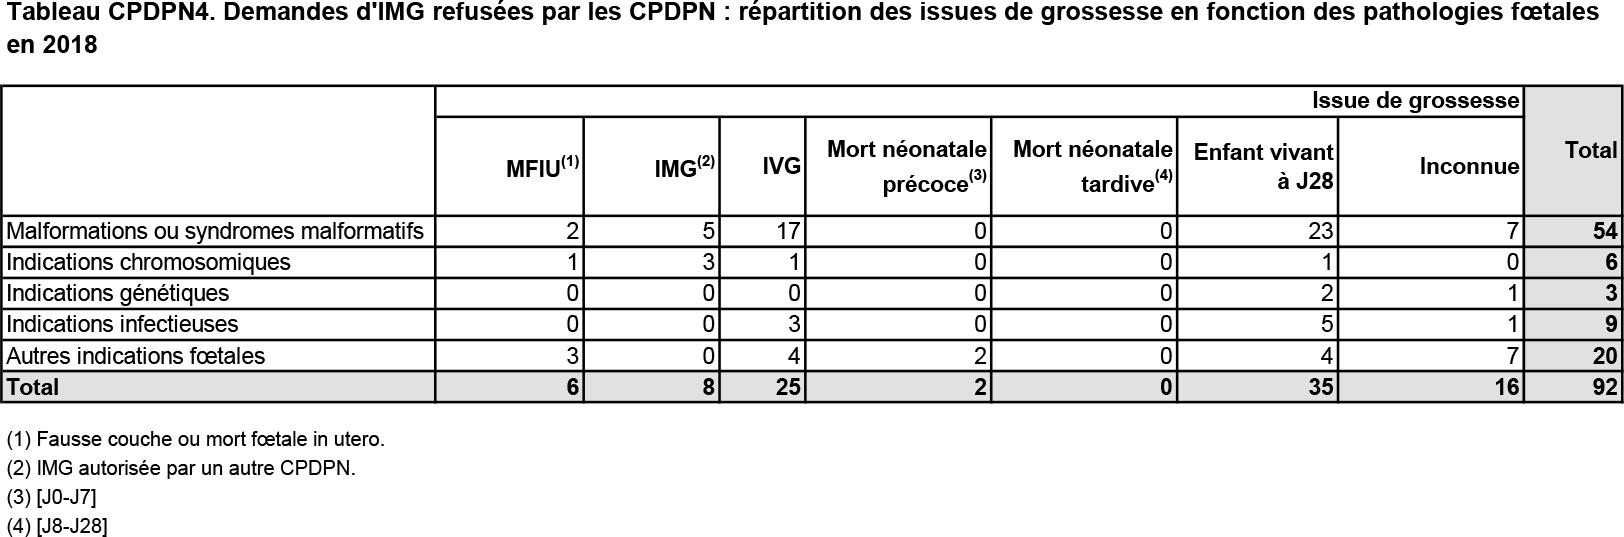 Tableau CPDPN4